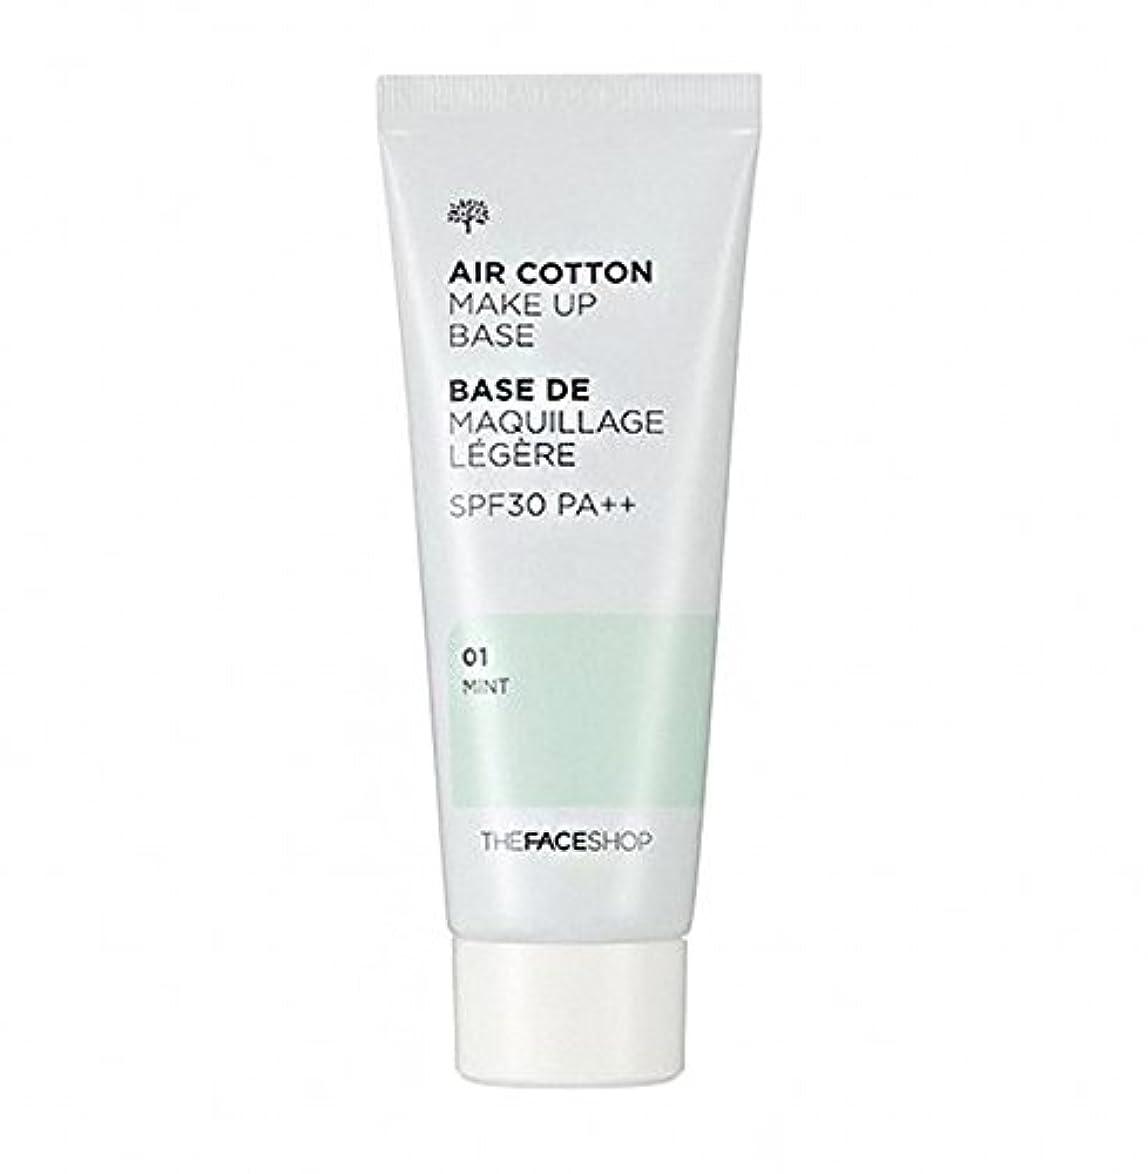 十年寄託ナインへザ·フェイスショップ The Face Shop エアコットン メーキャップ ベース 40ml(01 ミント) The Face Shop air Cotton Makeup Base 40ml(01 Mint) [海外直送品]